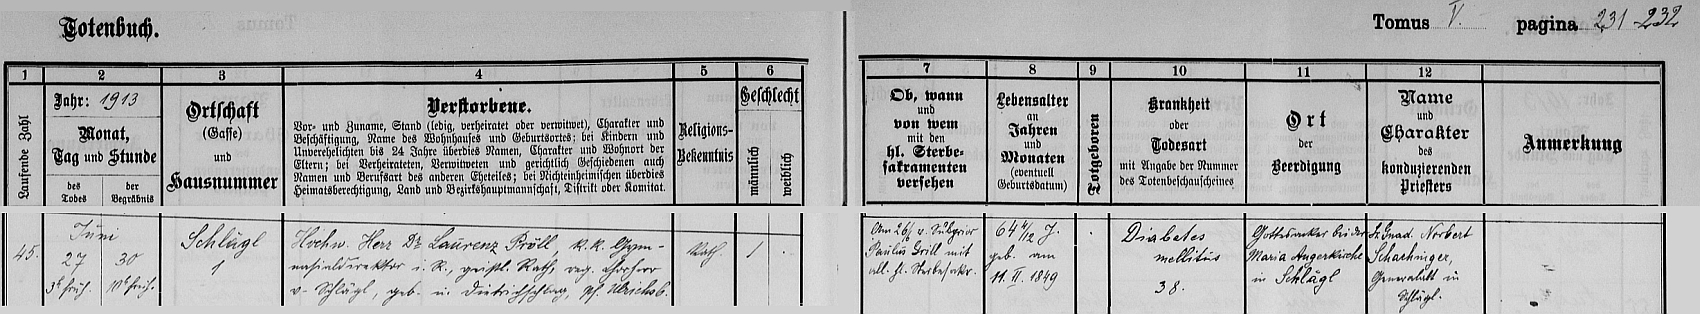 Záznam o jeho úmrtí v aigenské knize zemřelých